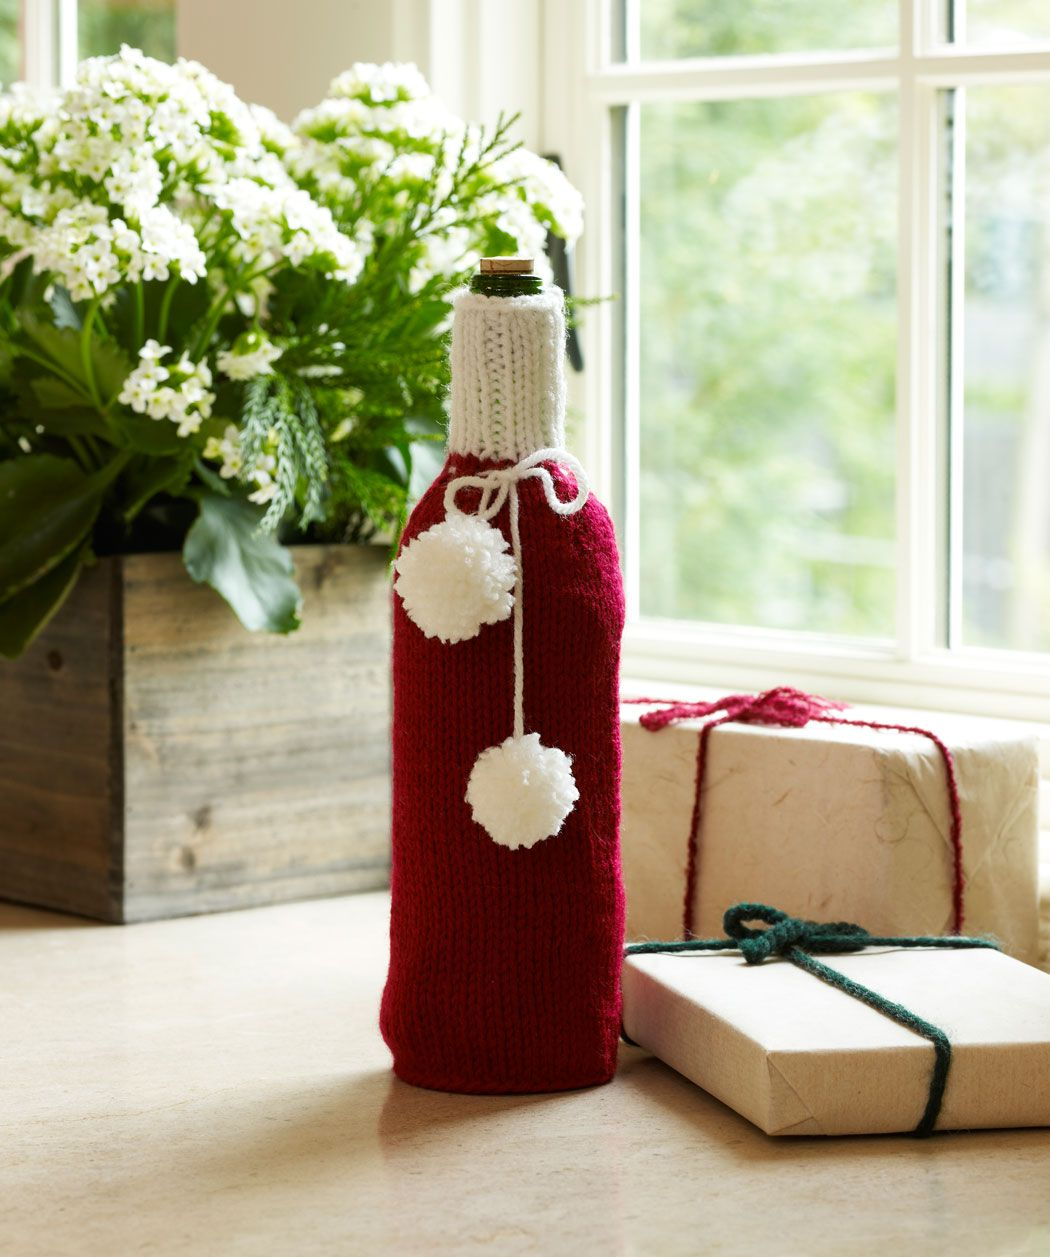 weinflaschen verschenkw rdig einzupacken ist ein ding der unm glichkeit diese. Black Bedroom Furniture Sets. Home Design Ideas